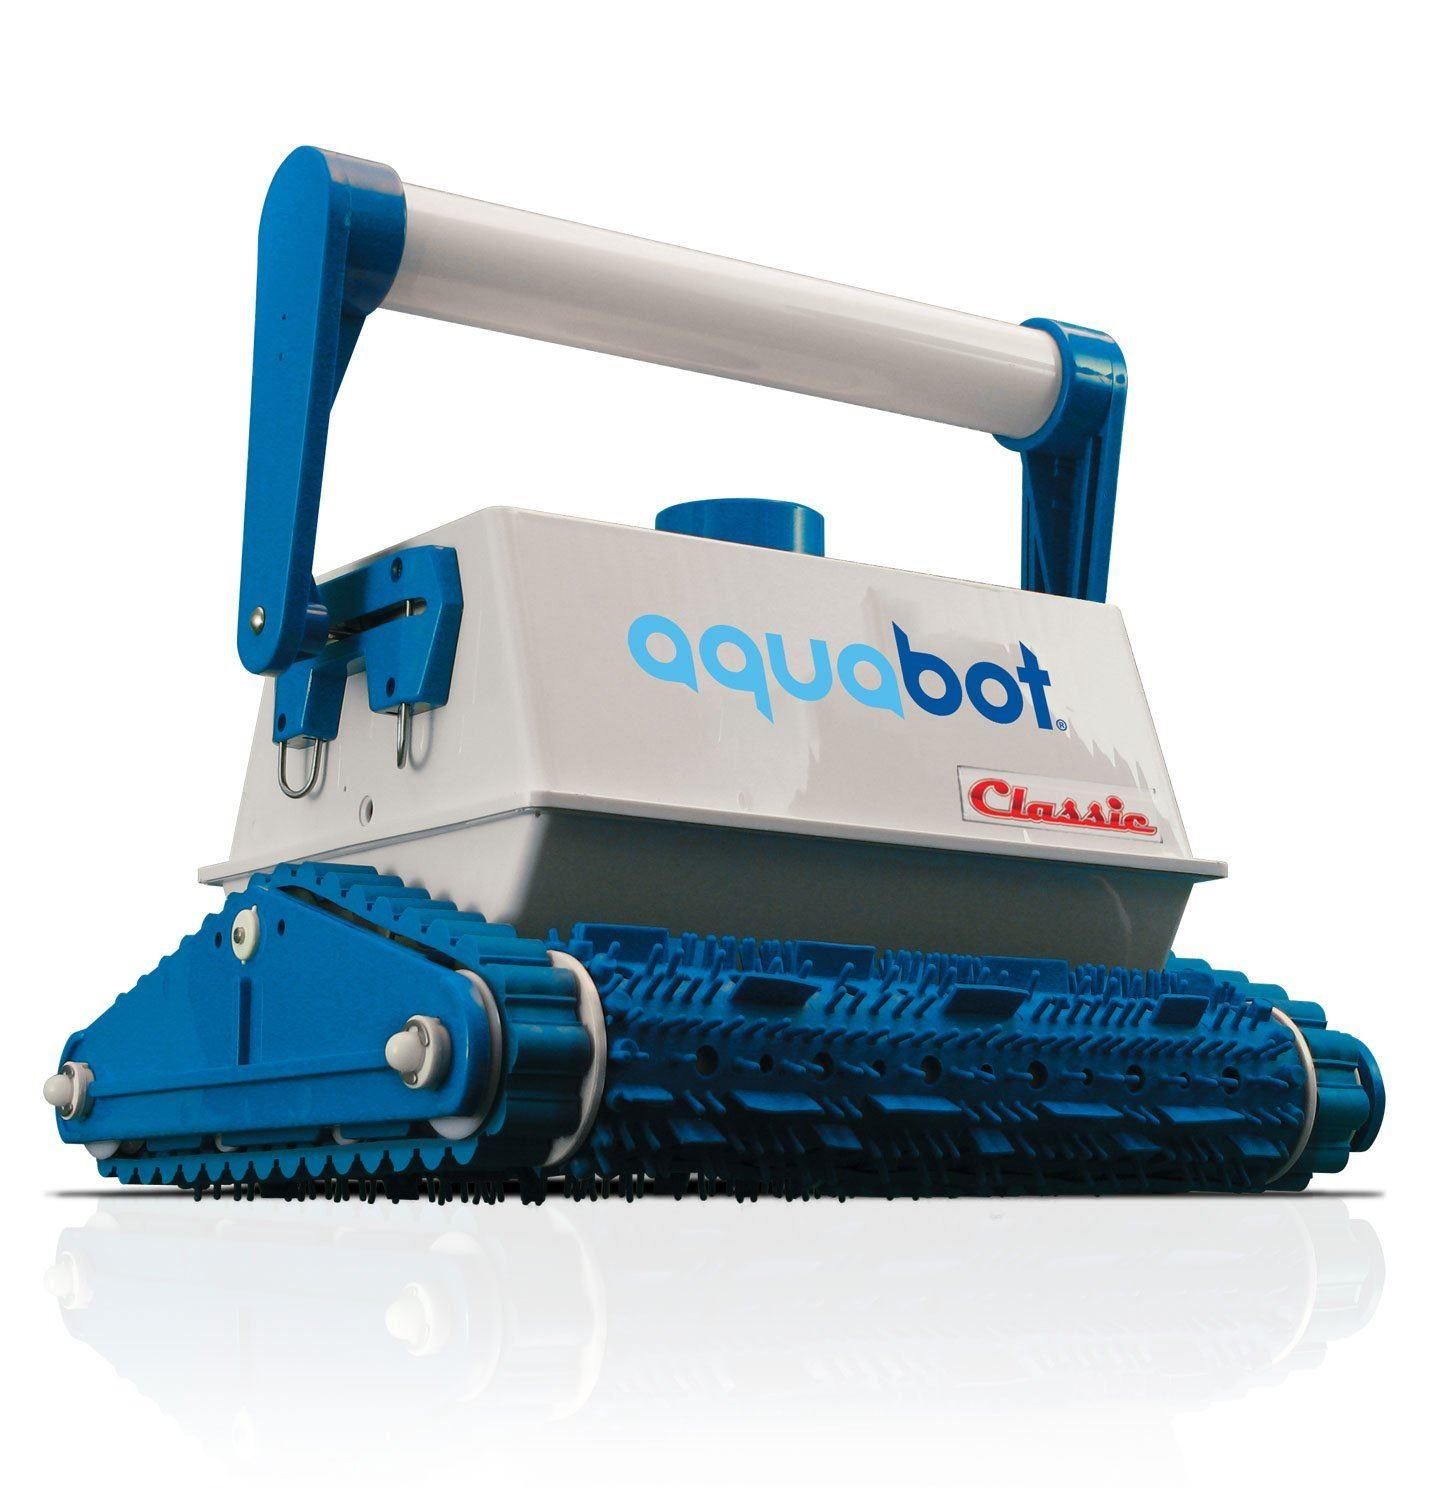 Aqua AQUABOT AB Classic Turbo In-Ground Robotic Pool Cleaner